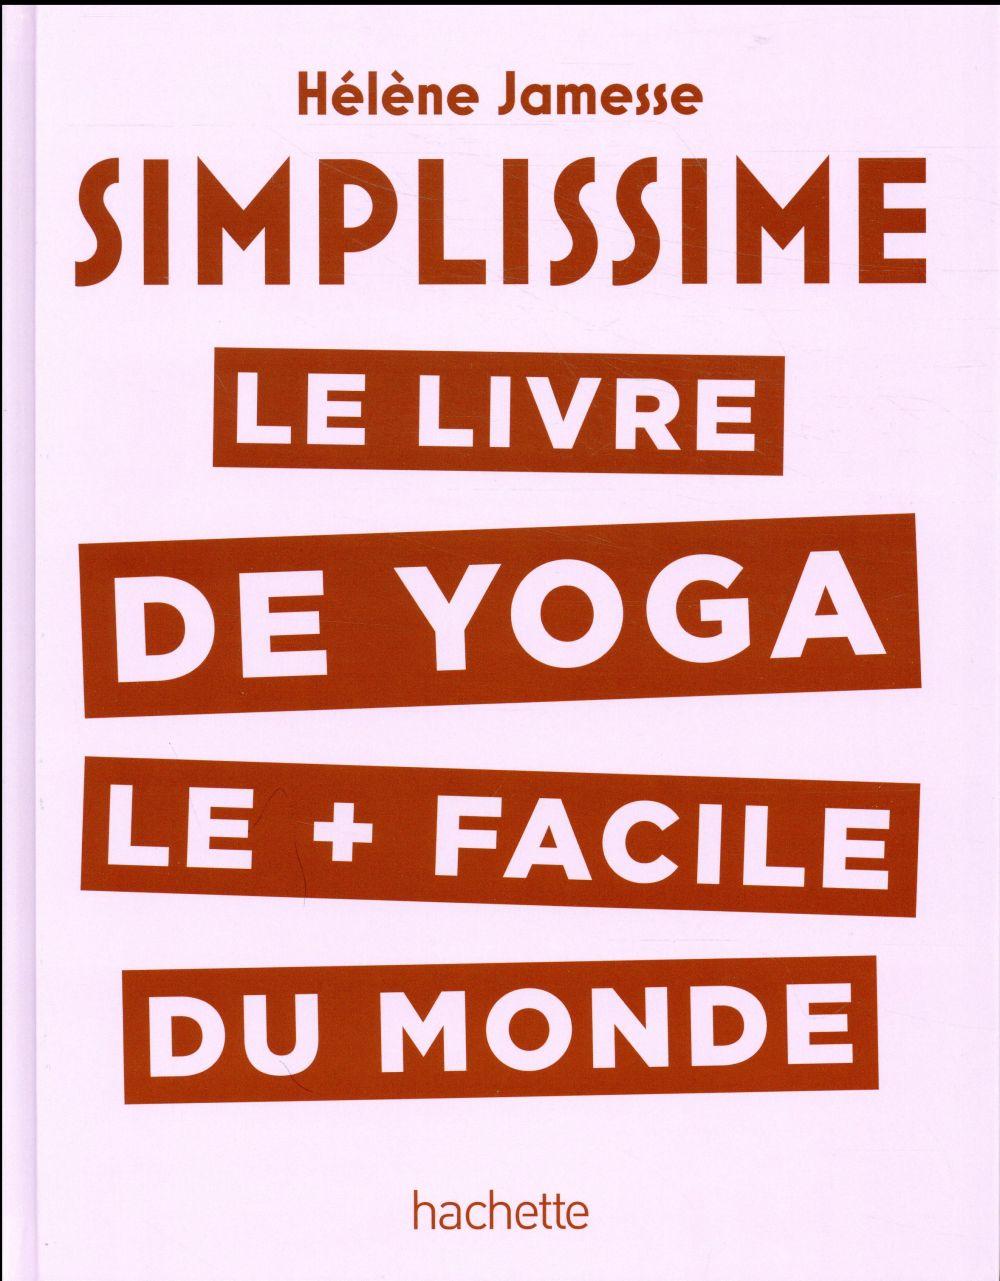 Simplissime ; yoga